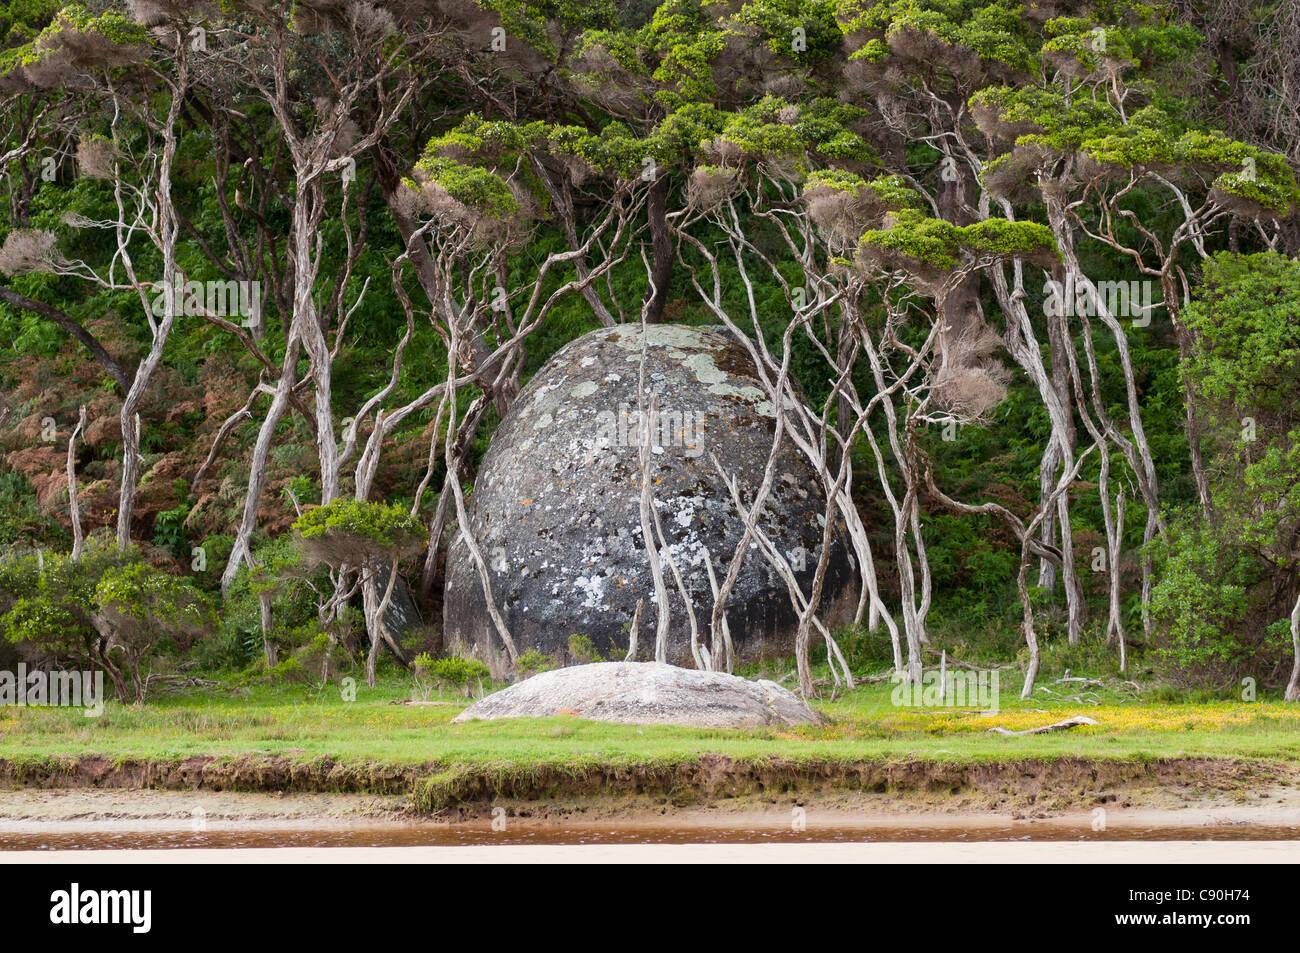 Rocce di granito a fiume di marea, Wilsons Promontory National Park, Victoria, Australia Immagini Stock